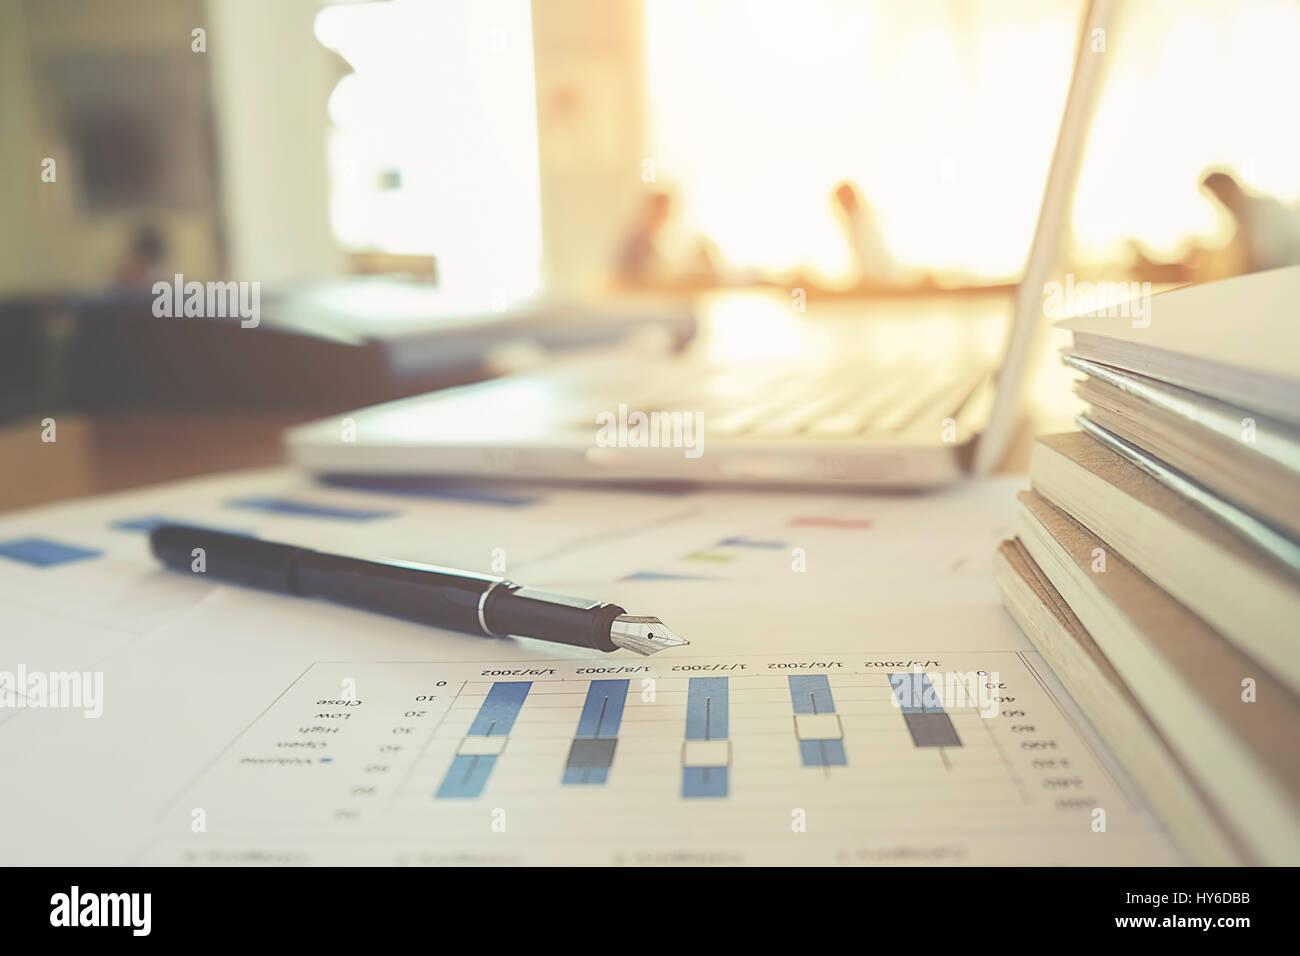 Concepto de negocio con espacio de copia. Mesa de oficina con lápiz el enfoque y análisis gráfico, Imagen De Stock